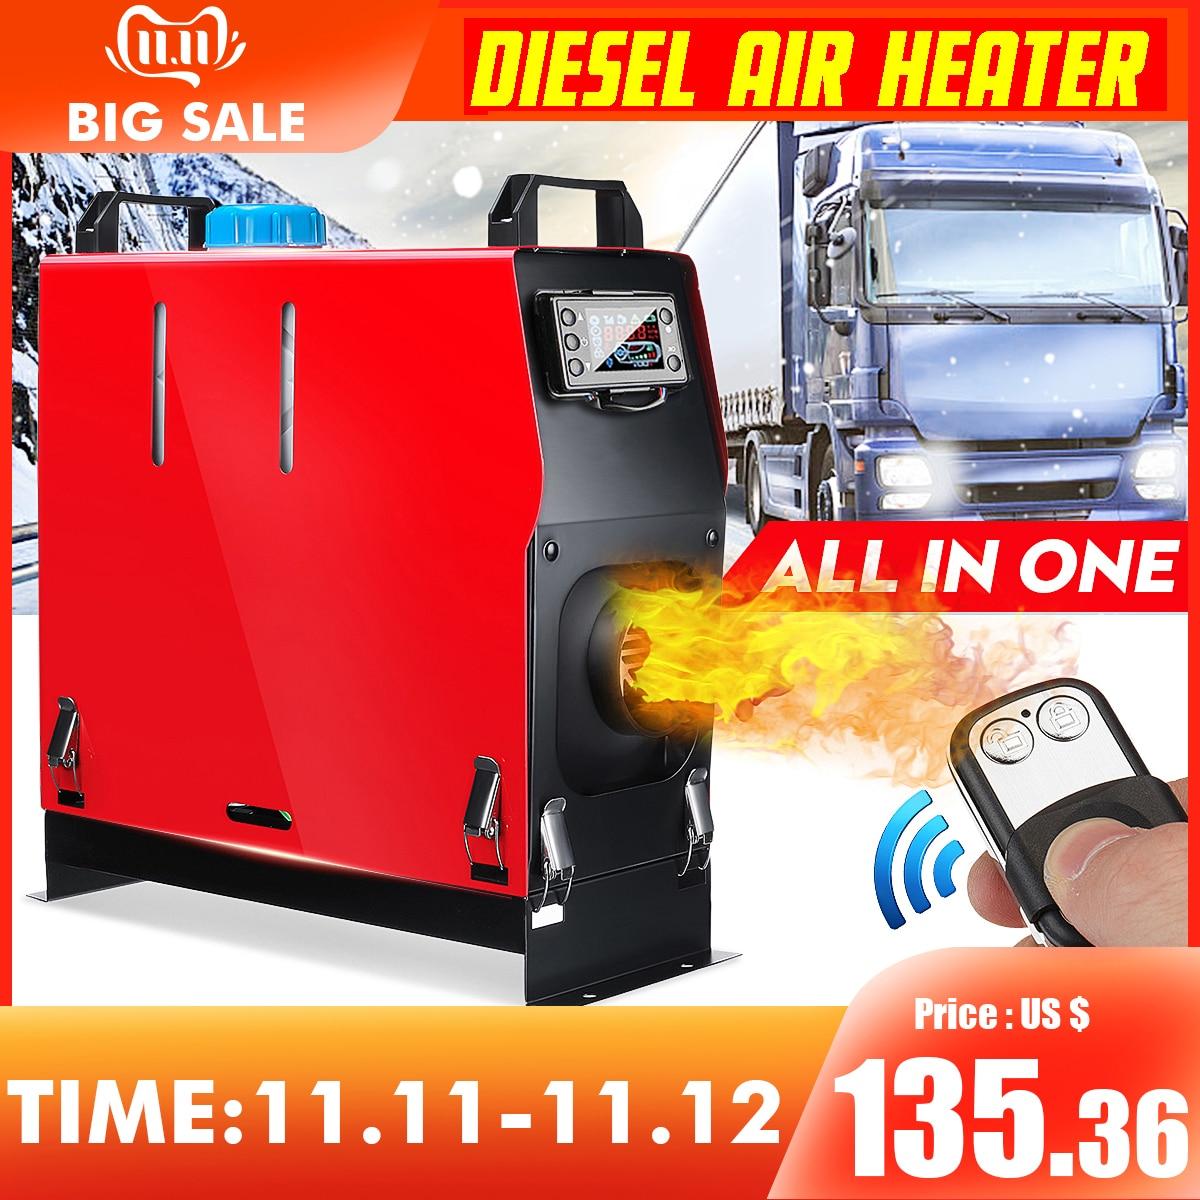 Tudo em um diesels de ar aquecedor 1kw-8kw ajustável 12 v um buraco aquecedor de carro para caminhões motor-casas barcos ônibus + lcd chave interruptor + remoto